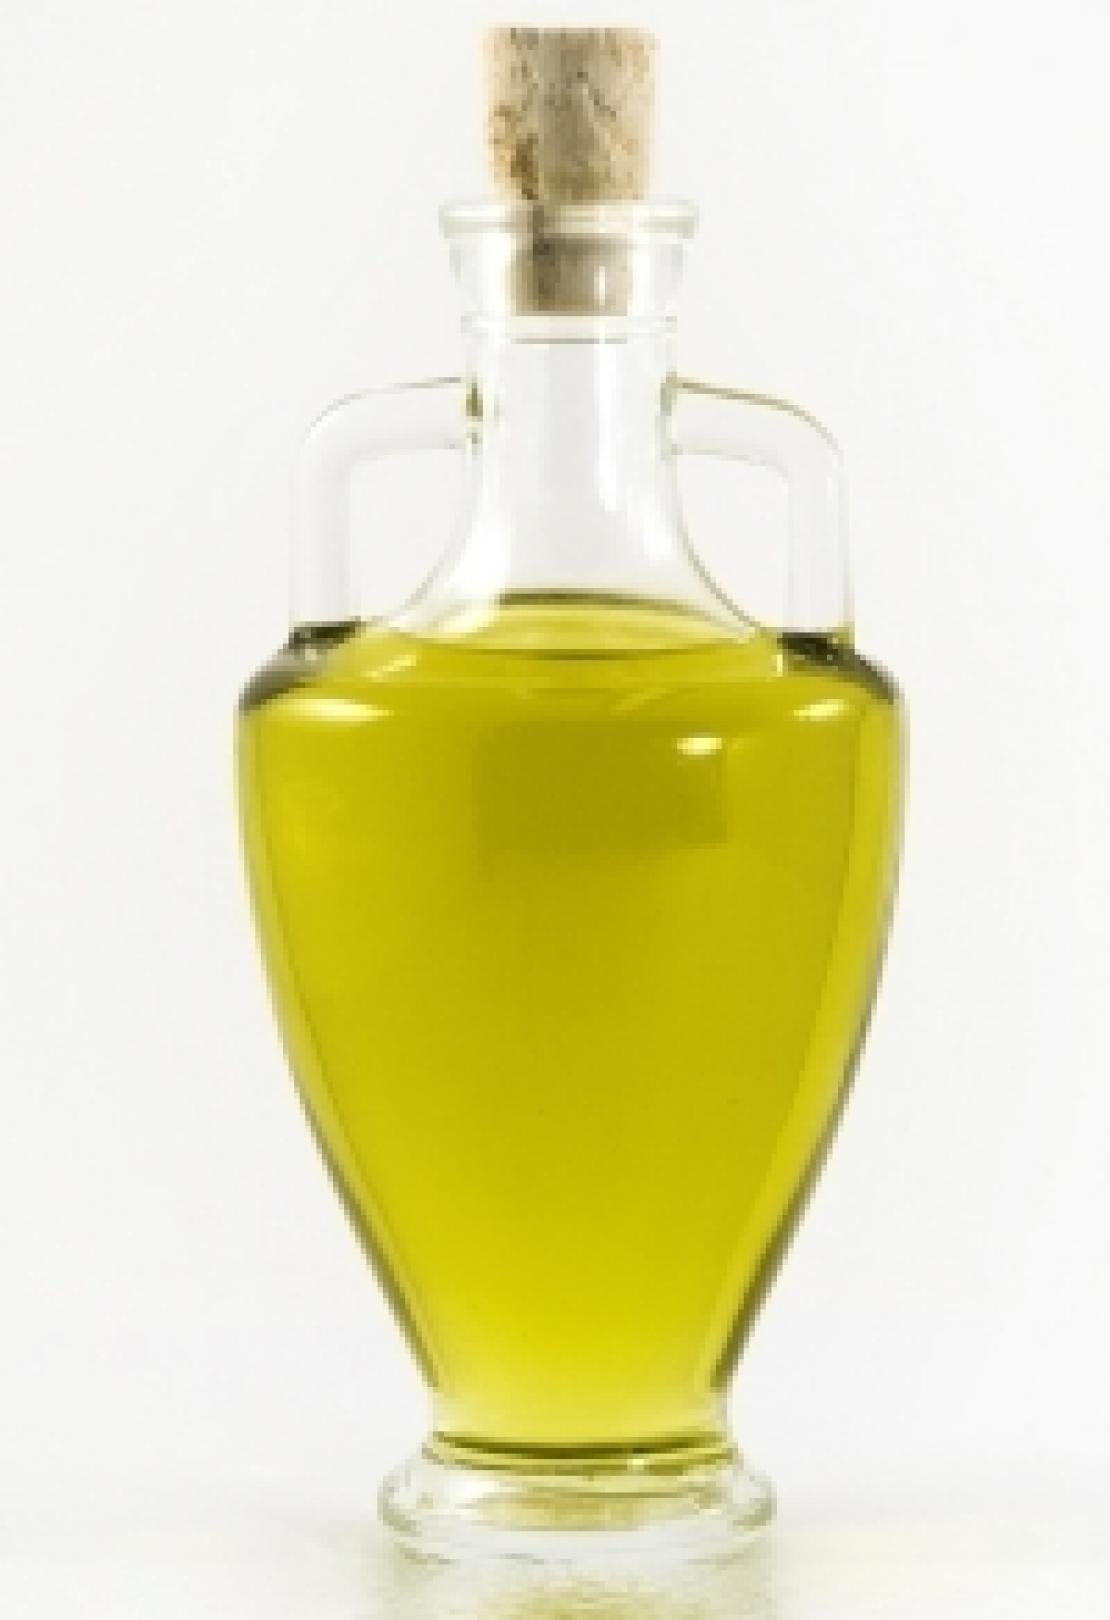 Perchè dovrei comprare il mio olio extra vergine d'oliva?